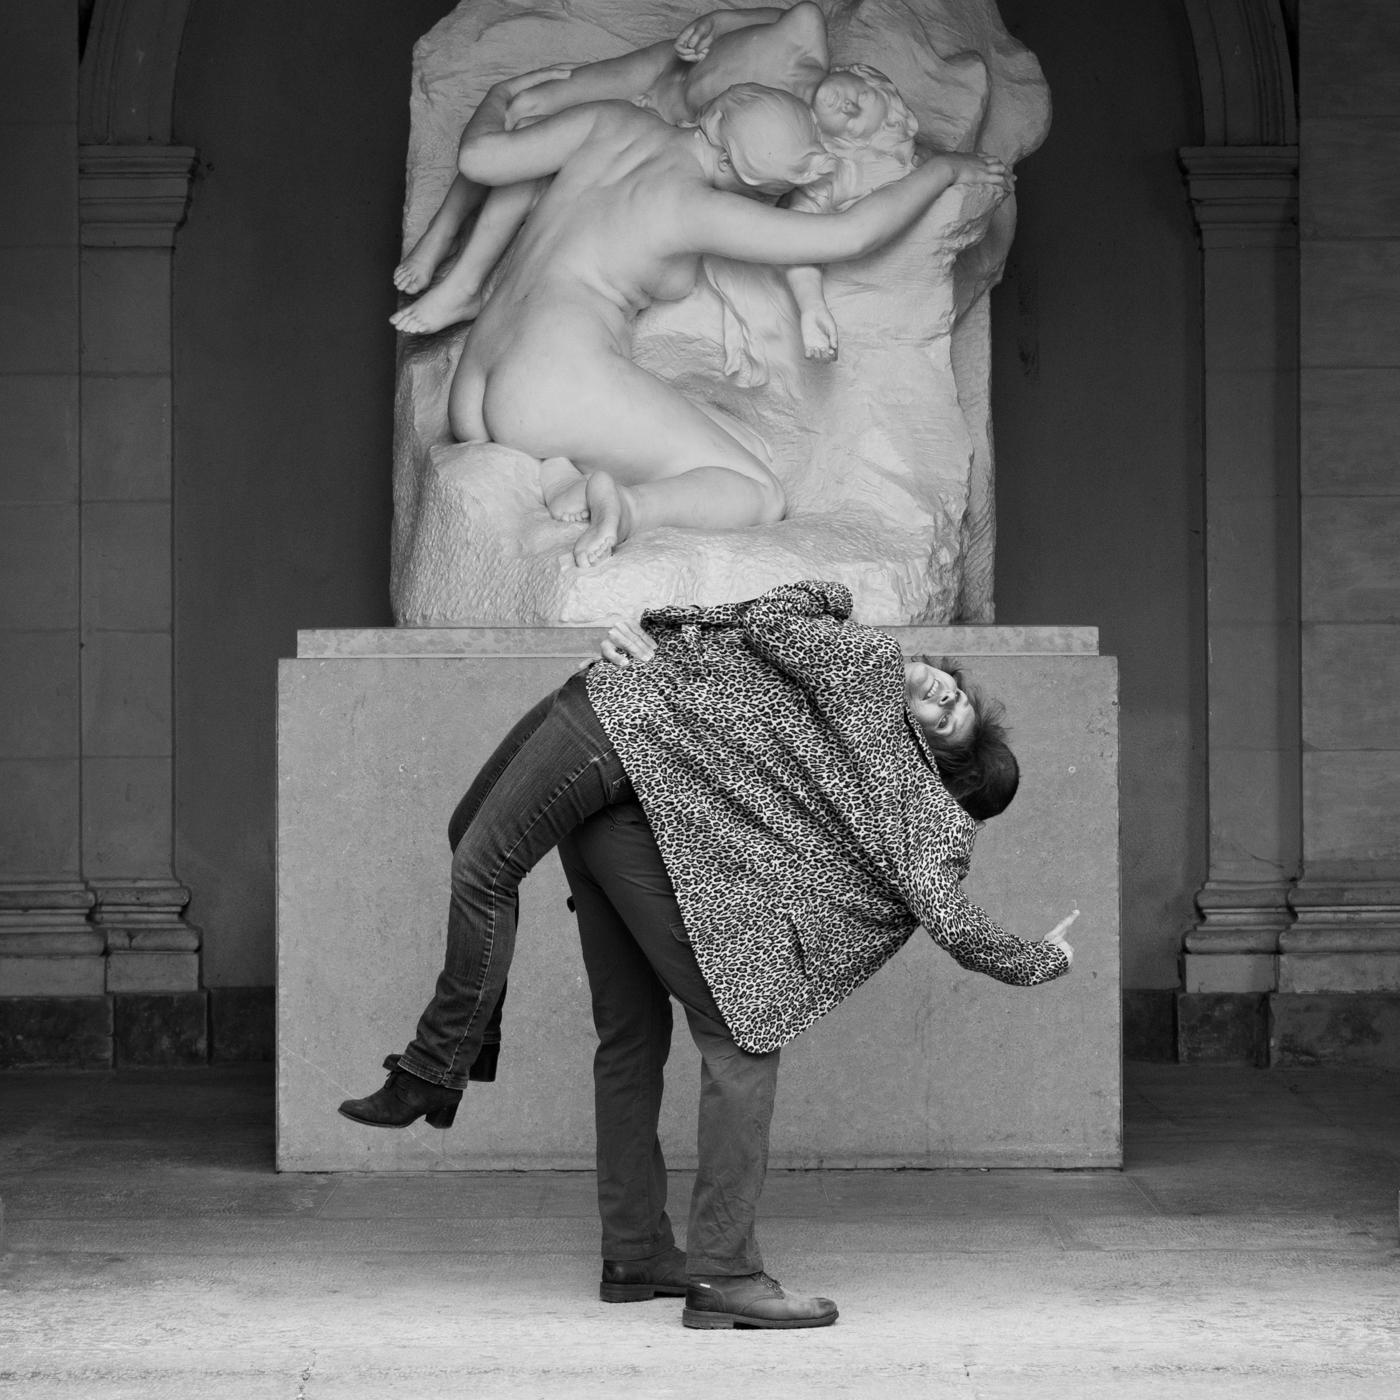 Musée_Lyon_2016_-_Autoportrait_en_panthère